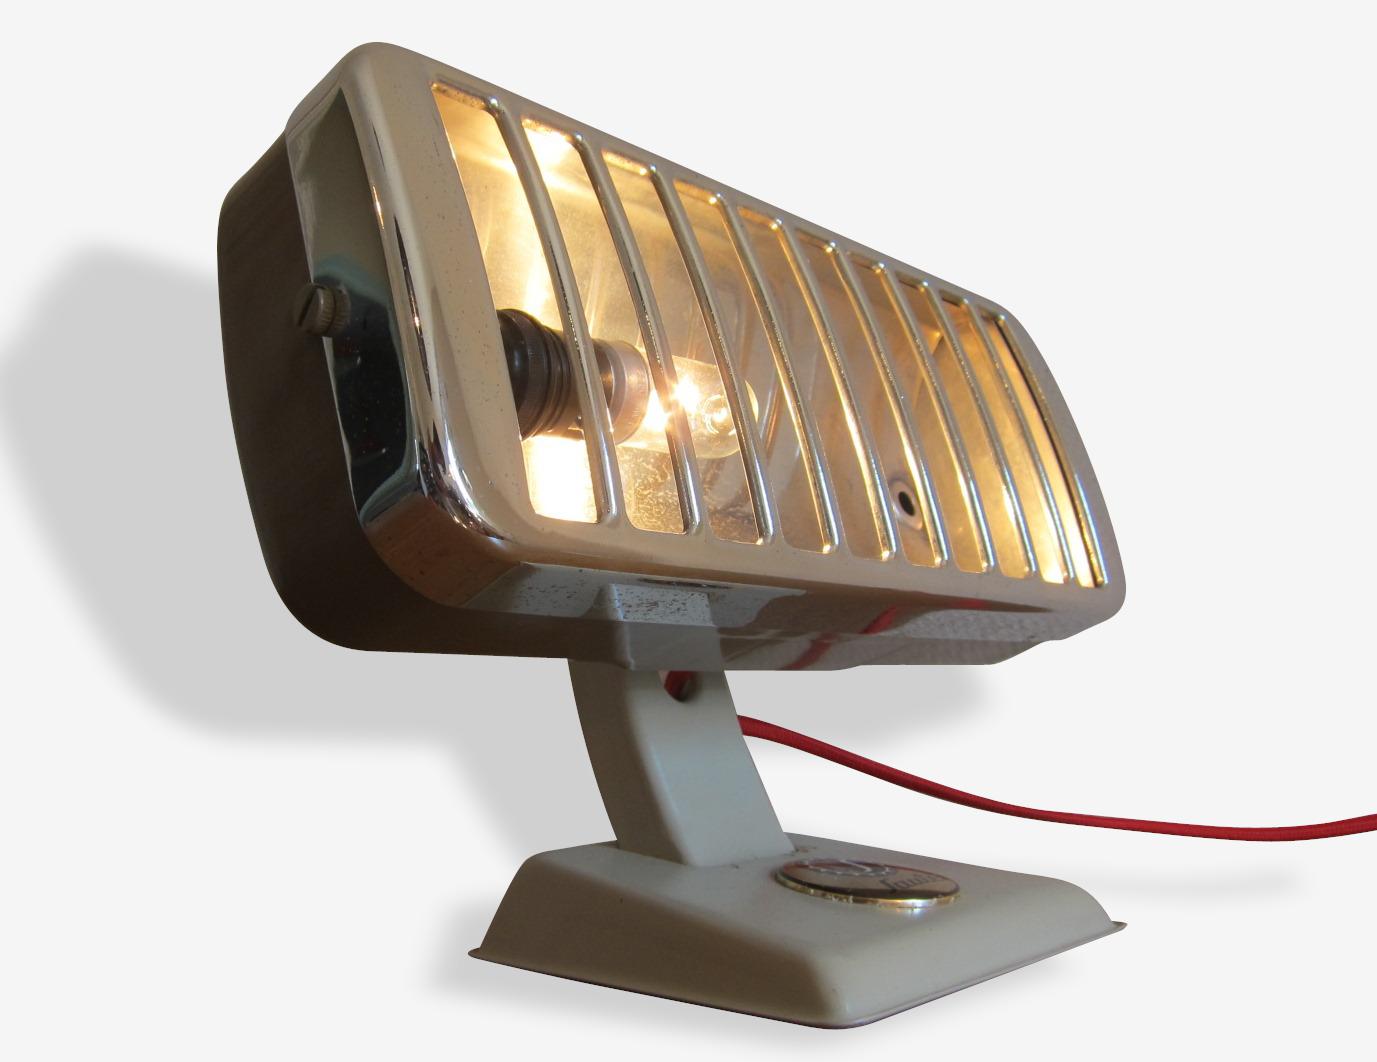 Lampe radiateur Sauter